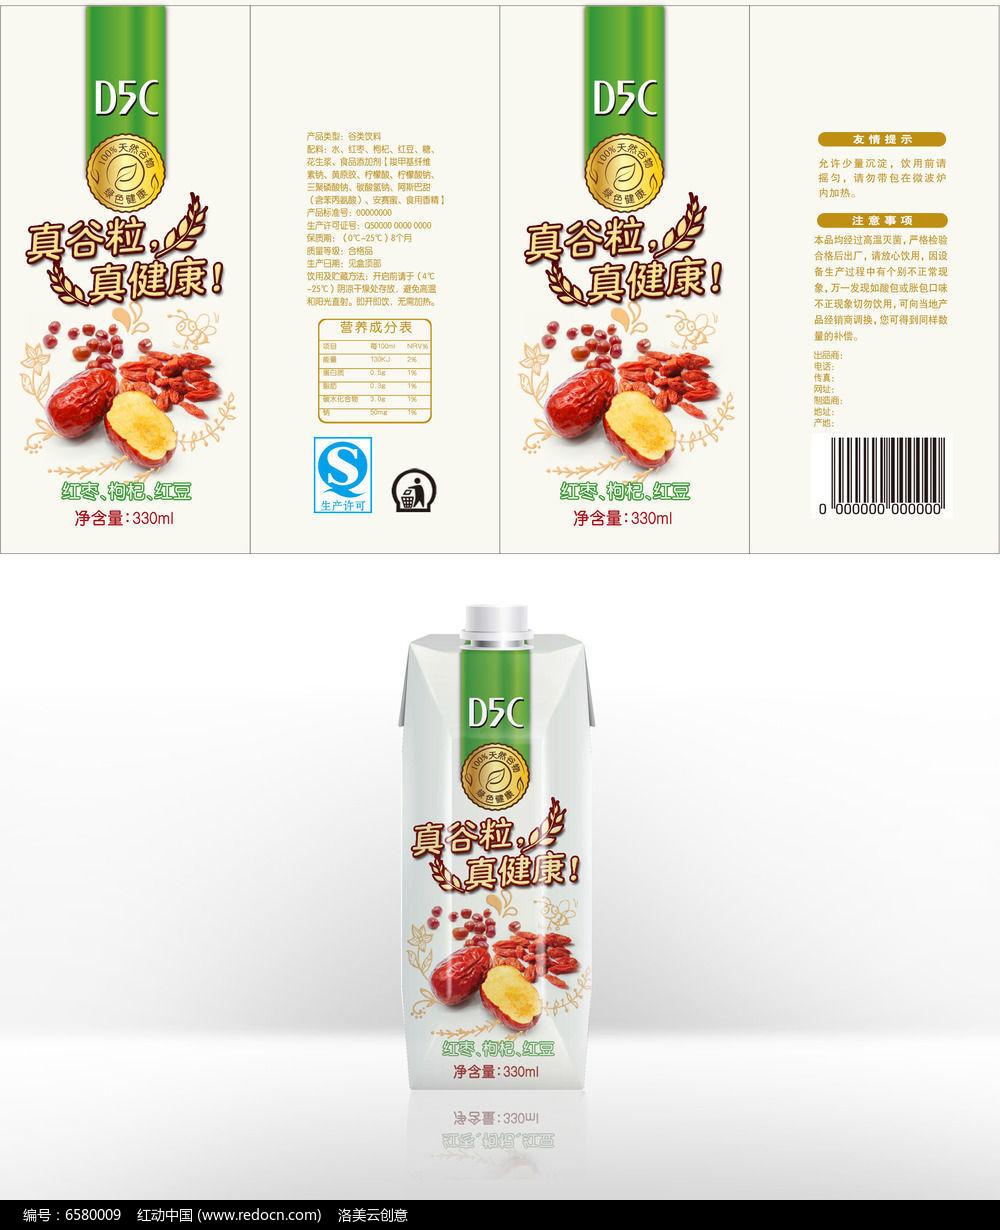 谷粒养生饮品包装图片